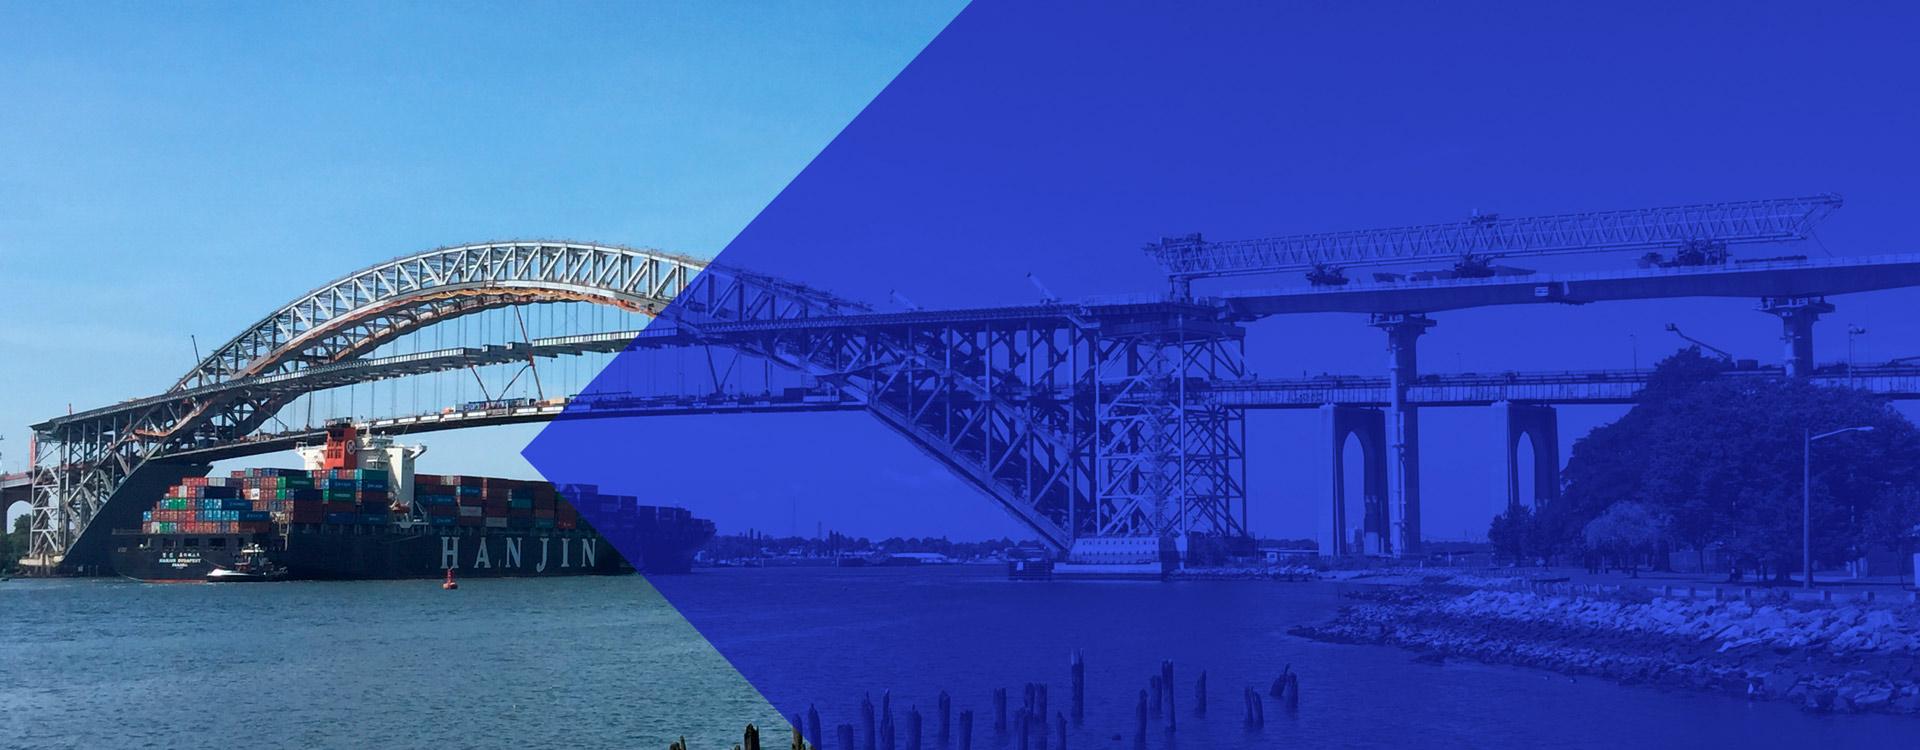 Bayonne Bridge, New York